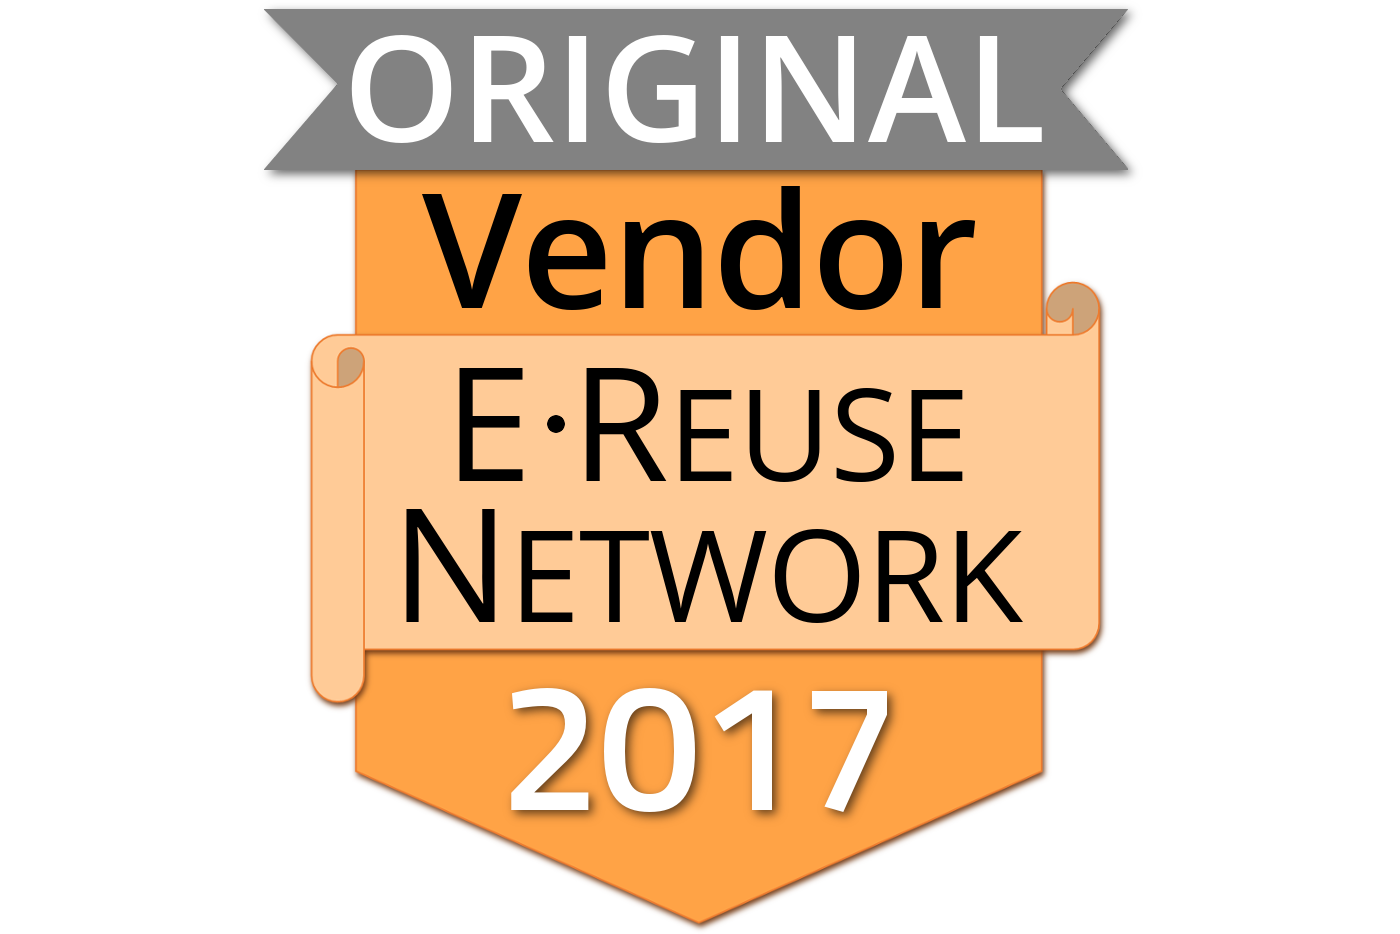 Orignal_Vendor1.4.png